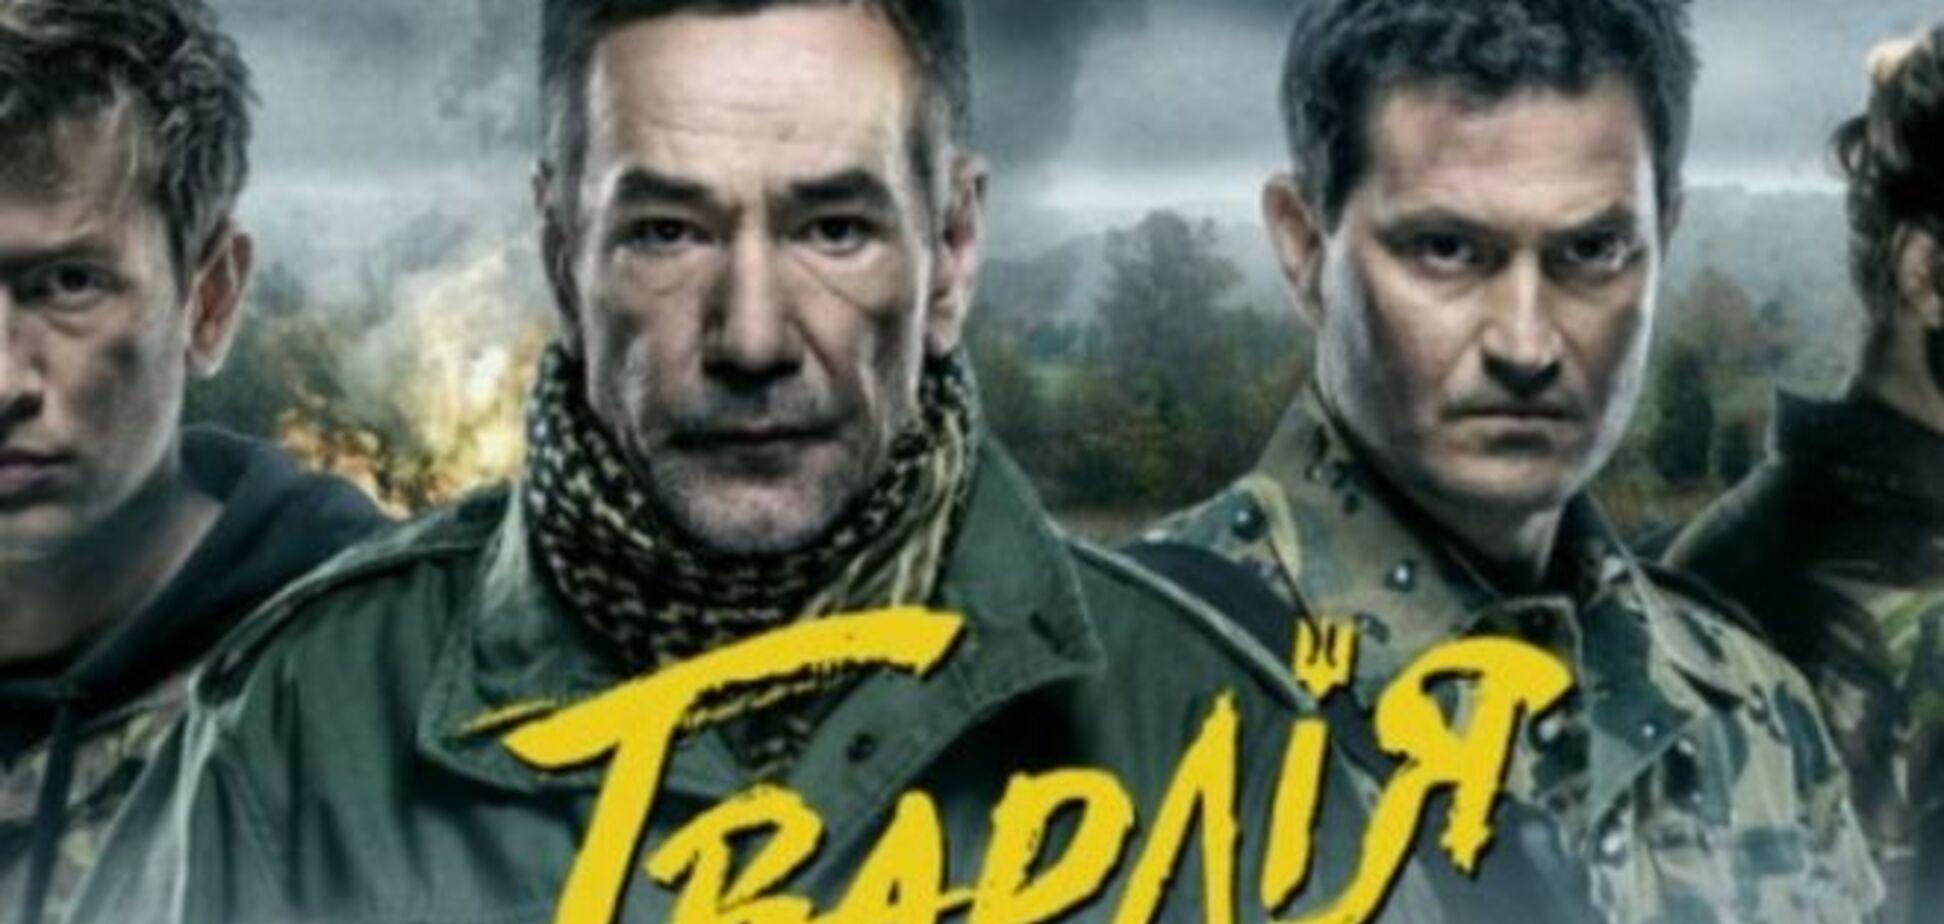 Сериал 'Гвардия' - инъекция правды для россиян